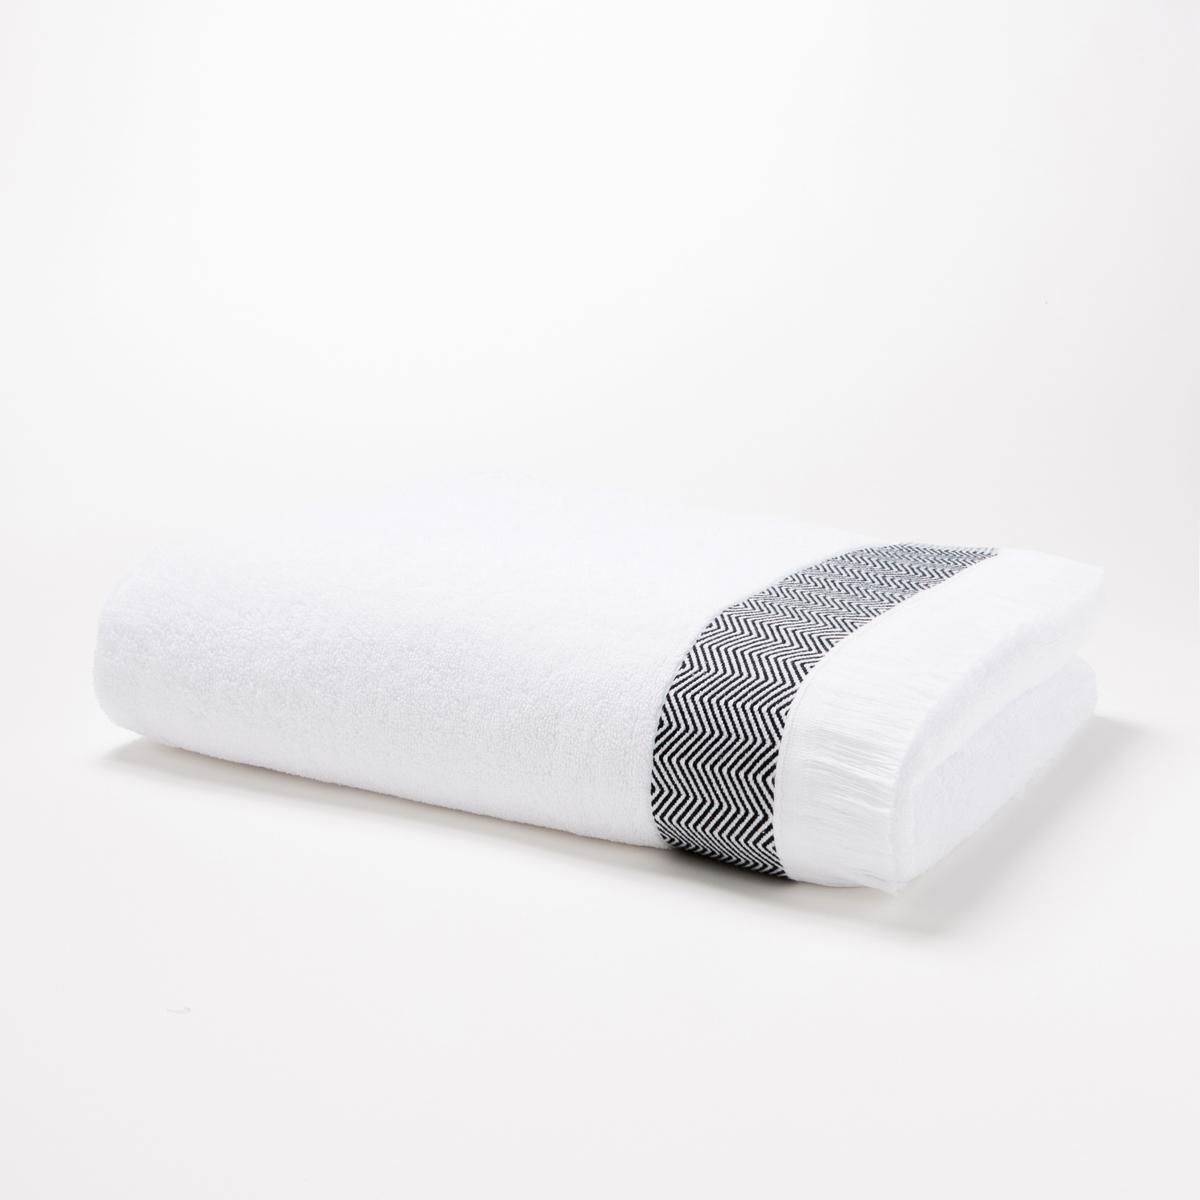 Полотенце банное большое, 500 г/м? - FringesХарактеристики большого банного полотенца Fringes :Ткань букле, 100% хлопокОтделка бахромой, края с зигзагообразным орнаментомМашинная стирка при 60 °СРазмеры большого банного полотенца Fringes :100 x 150 смМодель синего цвета представлена на сайте laredoute.ru<br><br>Цвет: белый